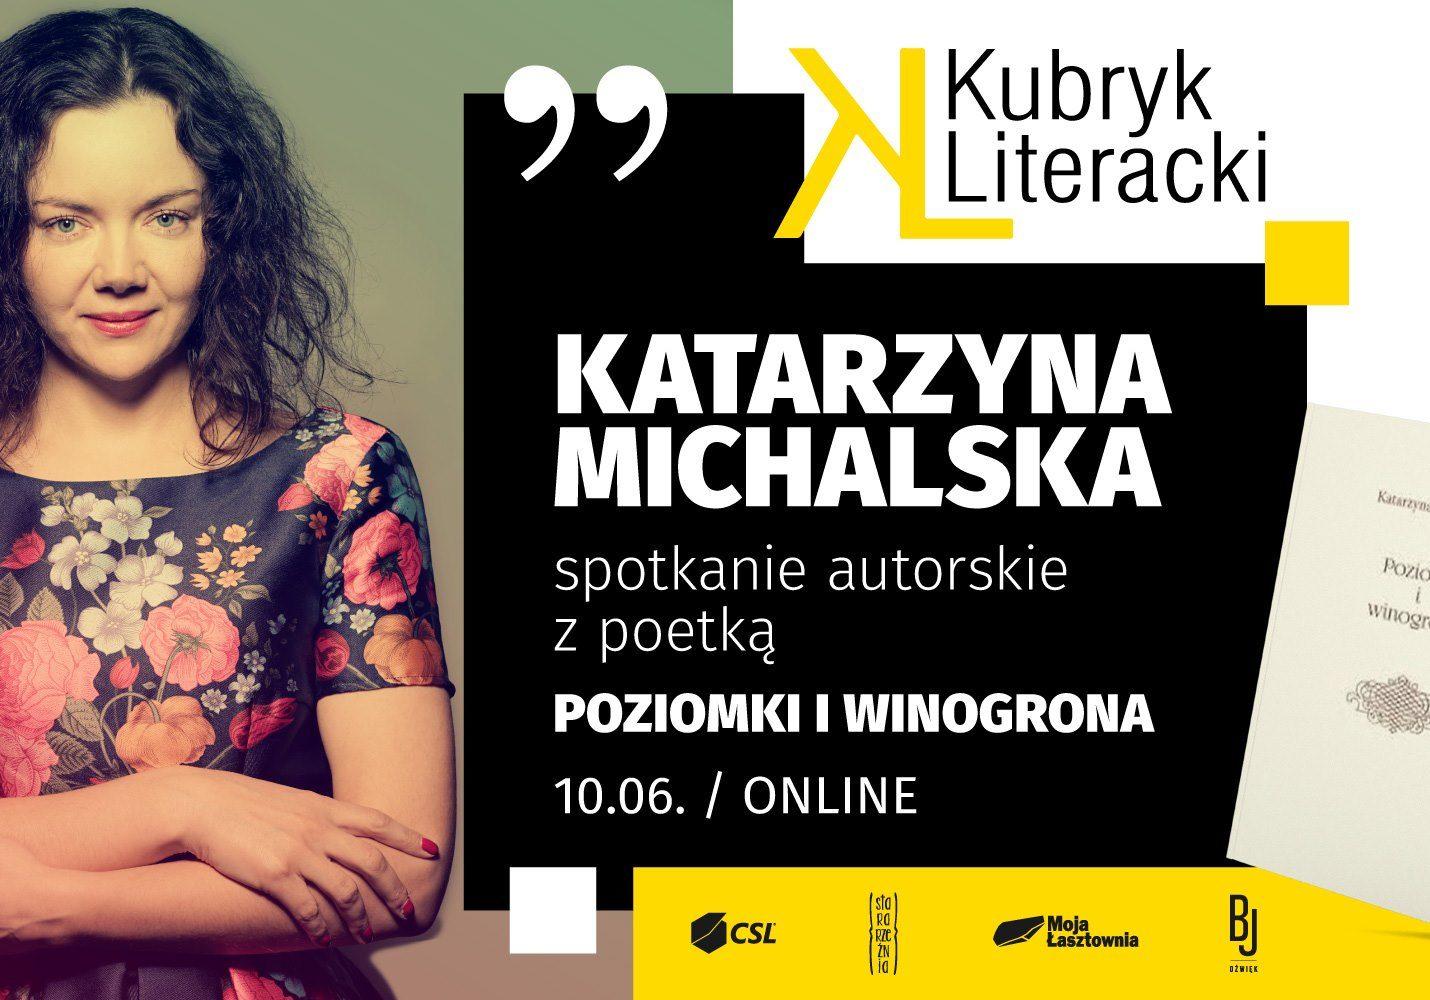 Łasztownia - Spotkanie z Katarzyną Michalską